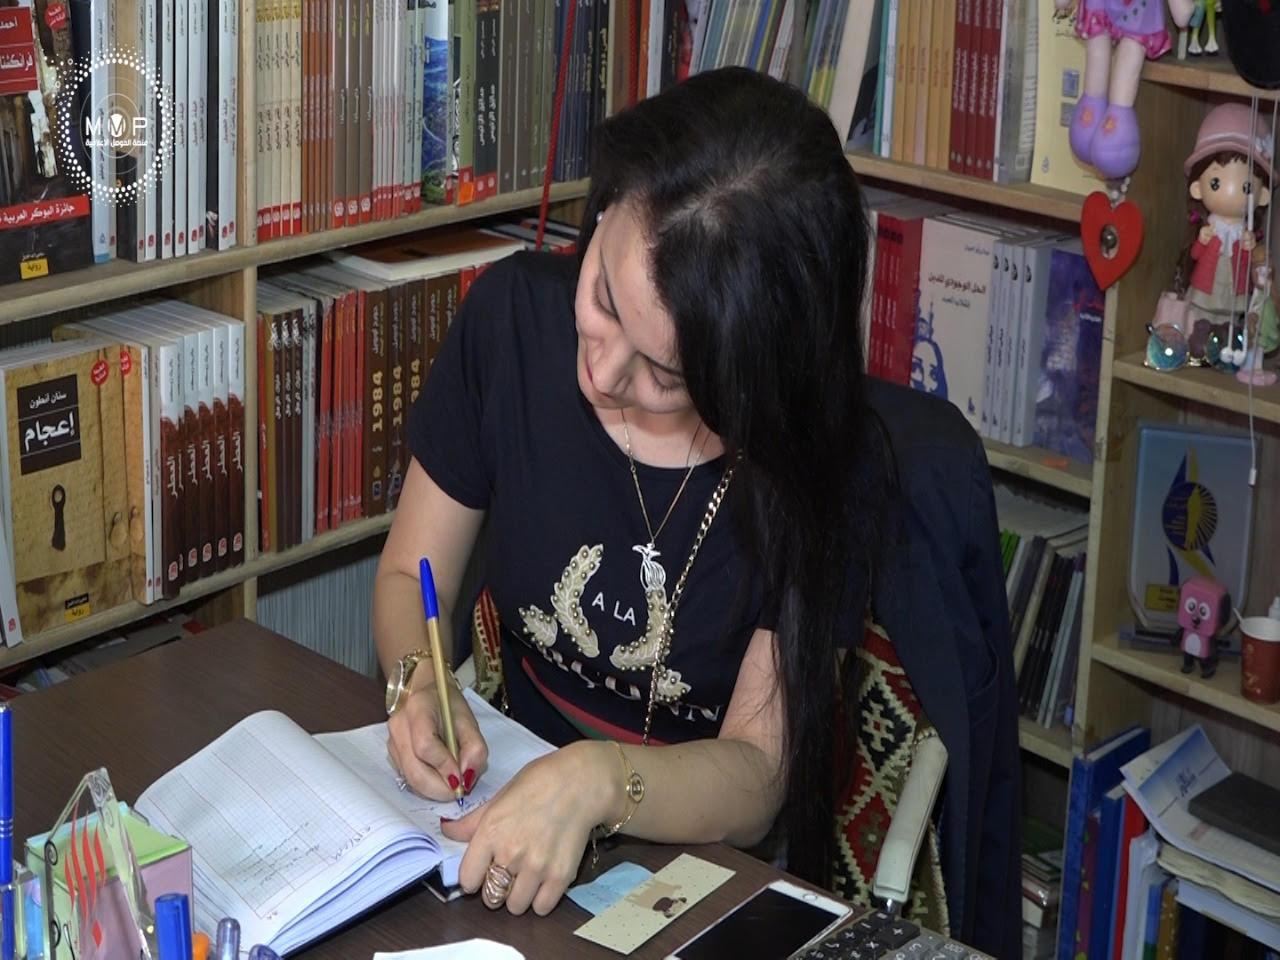 صورة عراقية بدأت ببيع الكتب في المتنبي وانتهت بتأسيس دار نشر